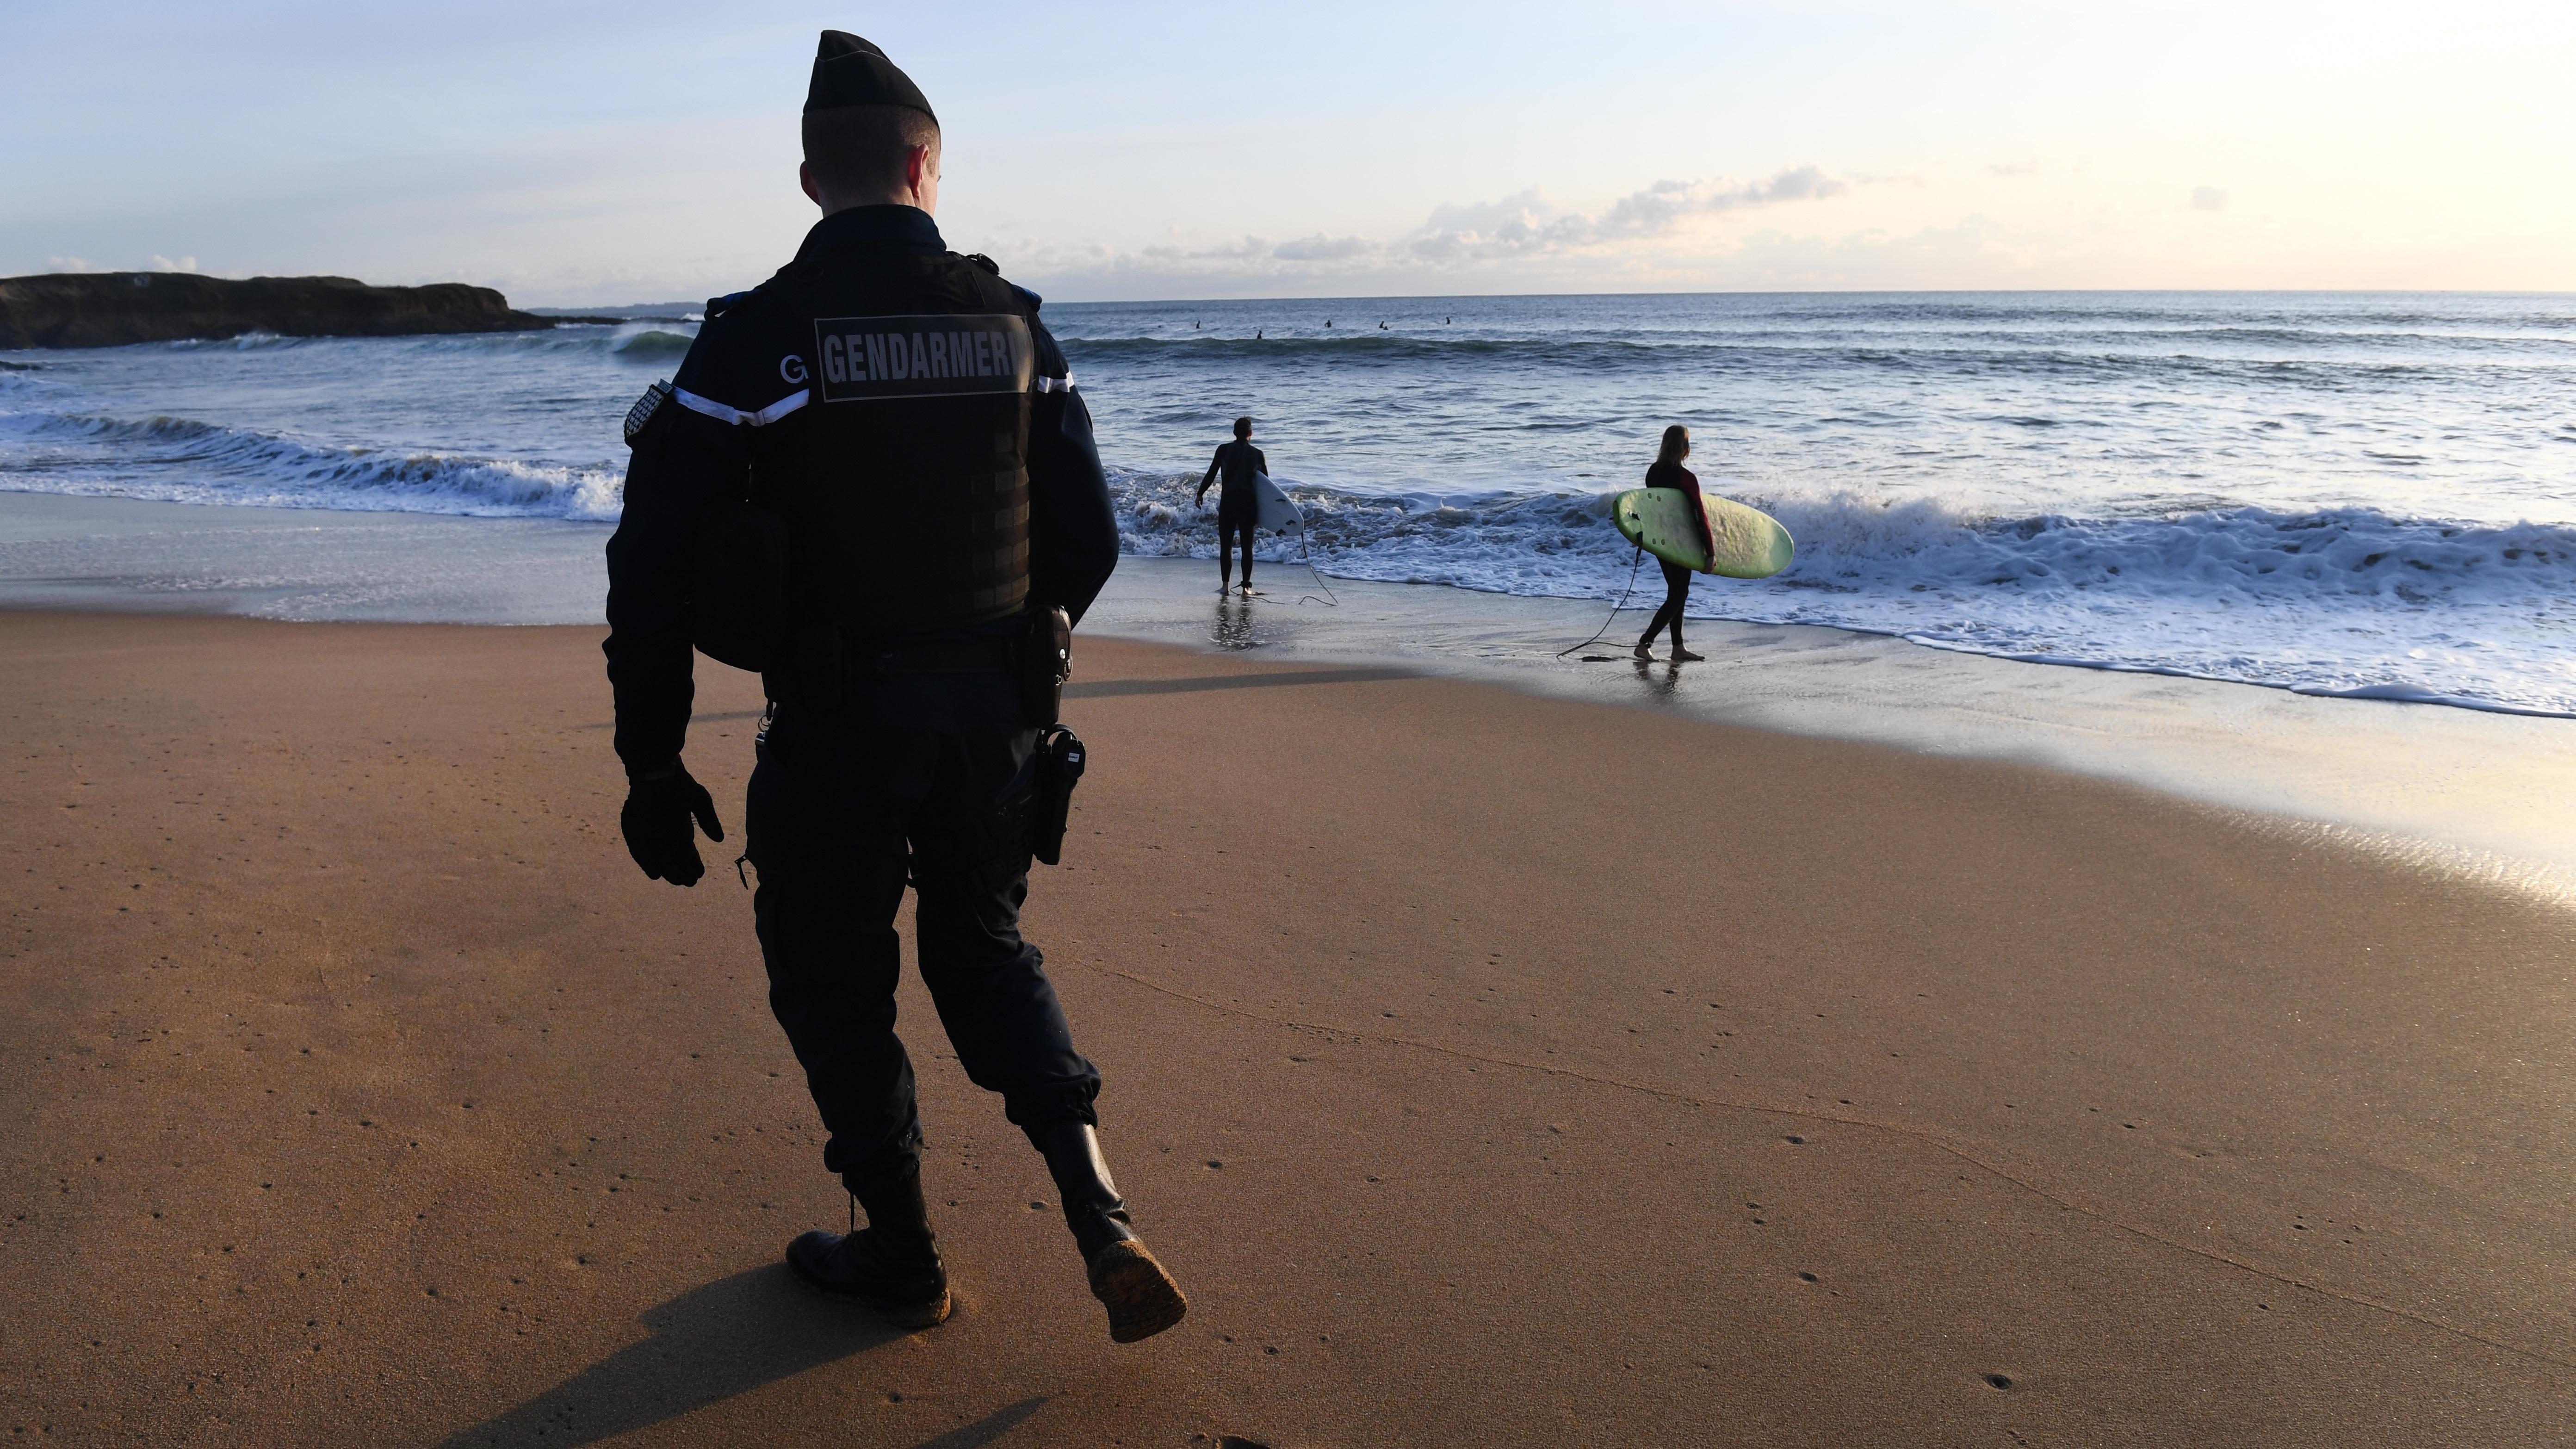 La cocaína hallada en las playas de la costa atlántica francesa es de una pureza del 83% y por lo tanto altamente peligrosa.